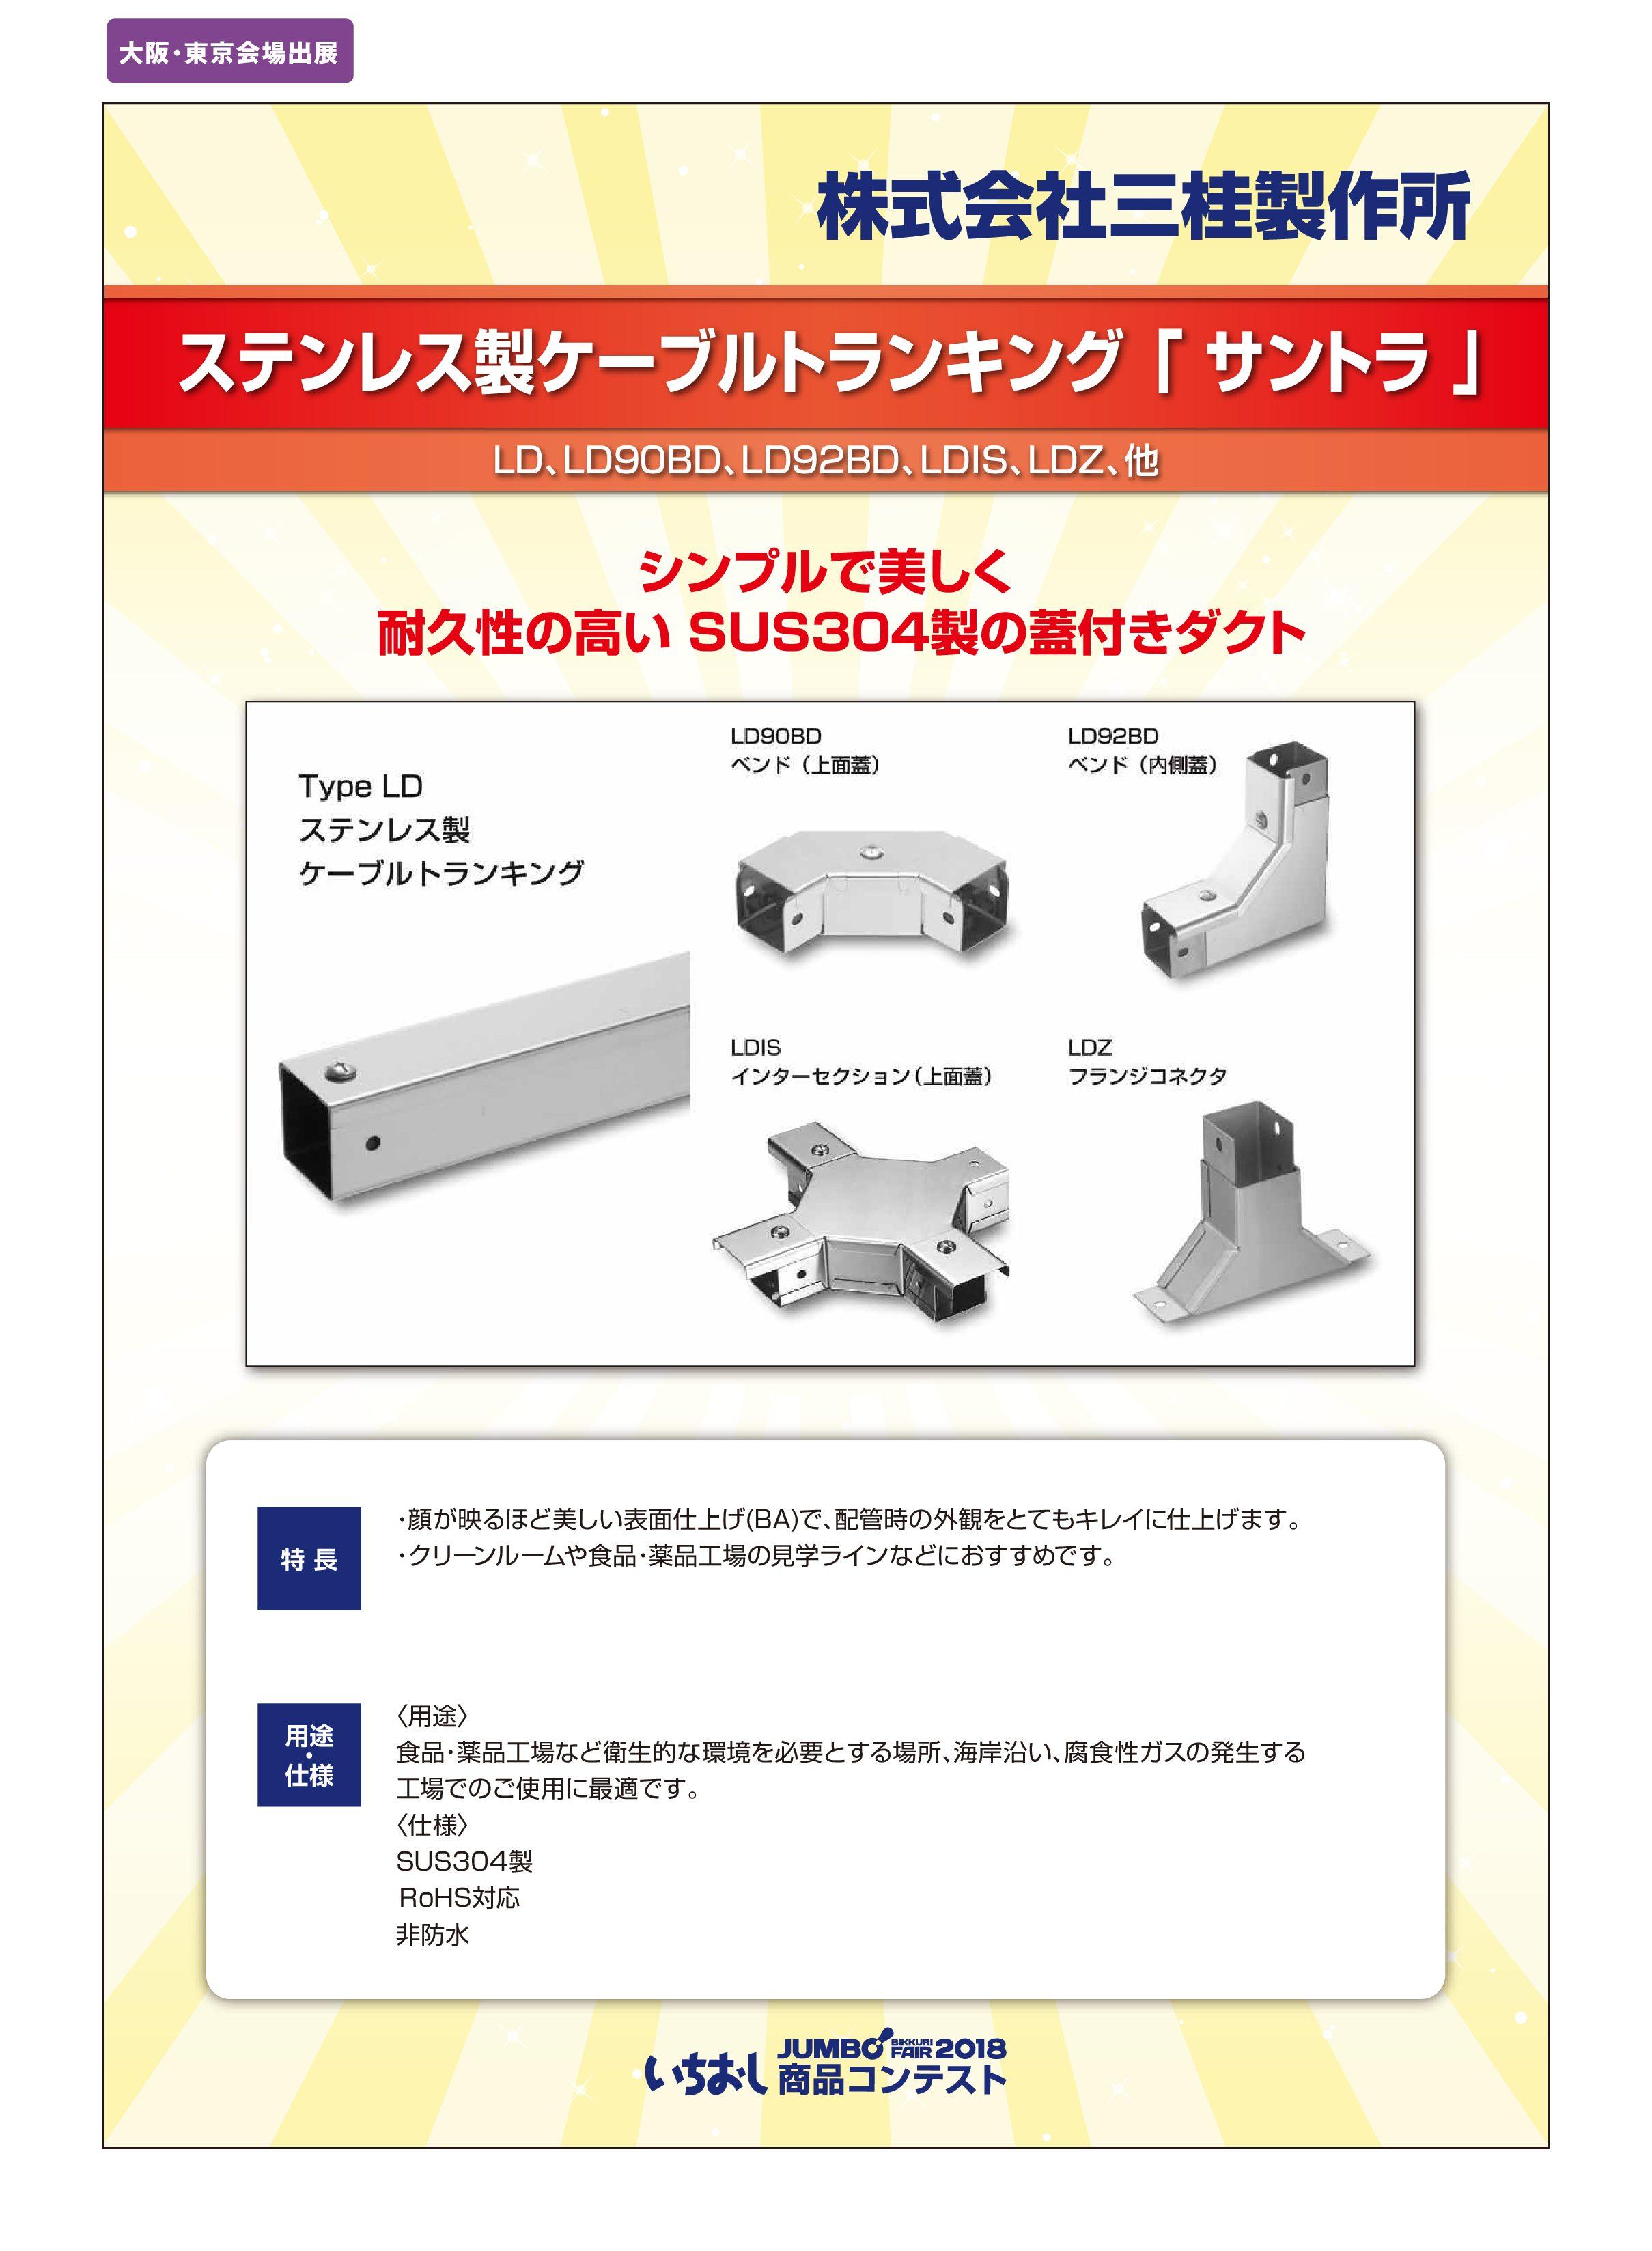 「ステンレス製ケーブルトランキング 『サントラ 』」株式会社三桂製作所の画像